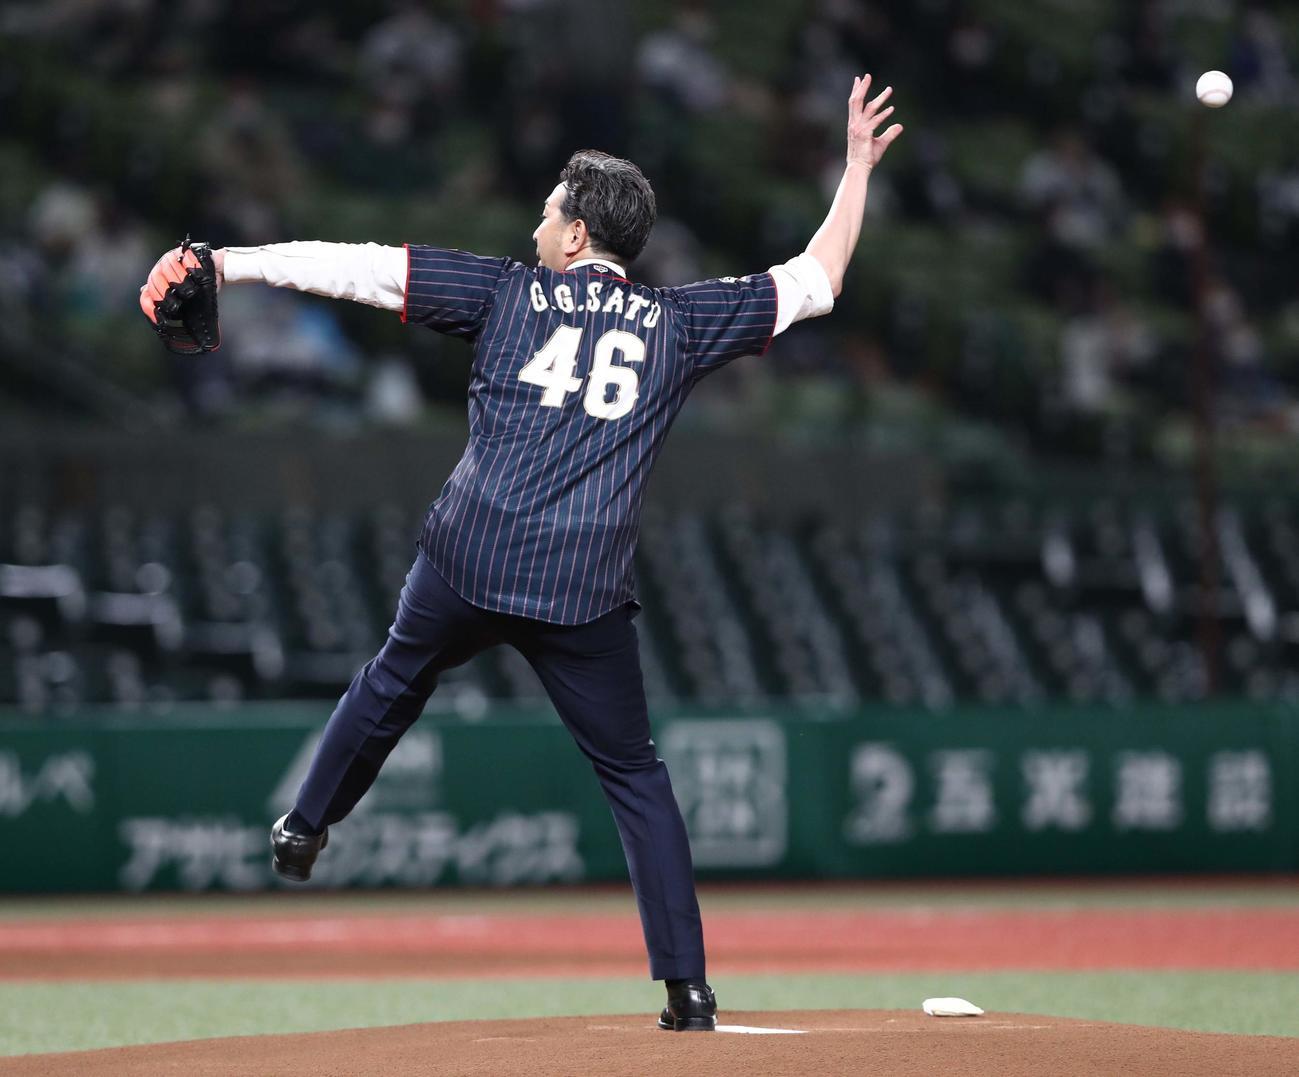 西武対日本ハム 始球式でボールがすっぽ抜けるG.G.佐藤(撮影・黒川智章)